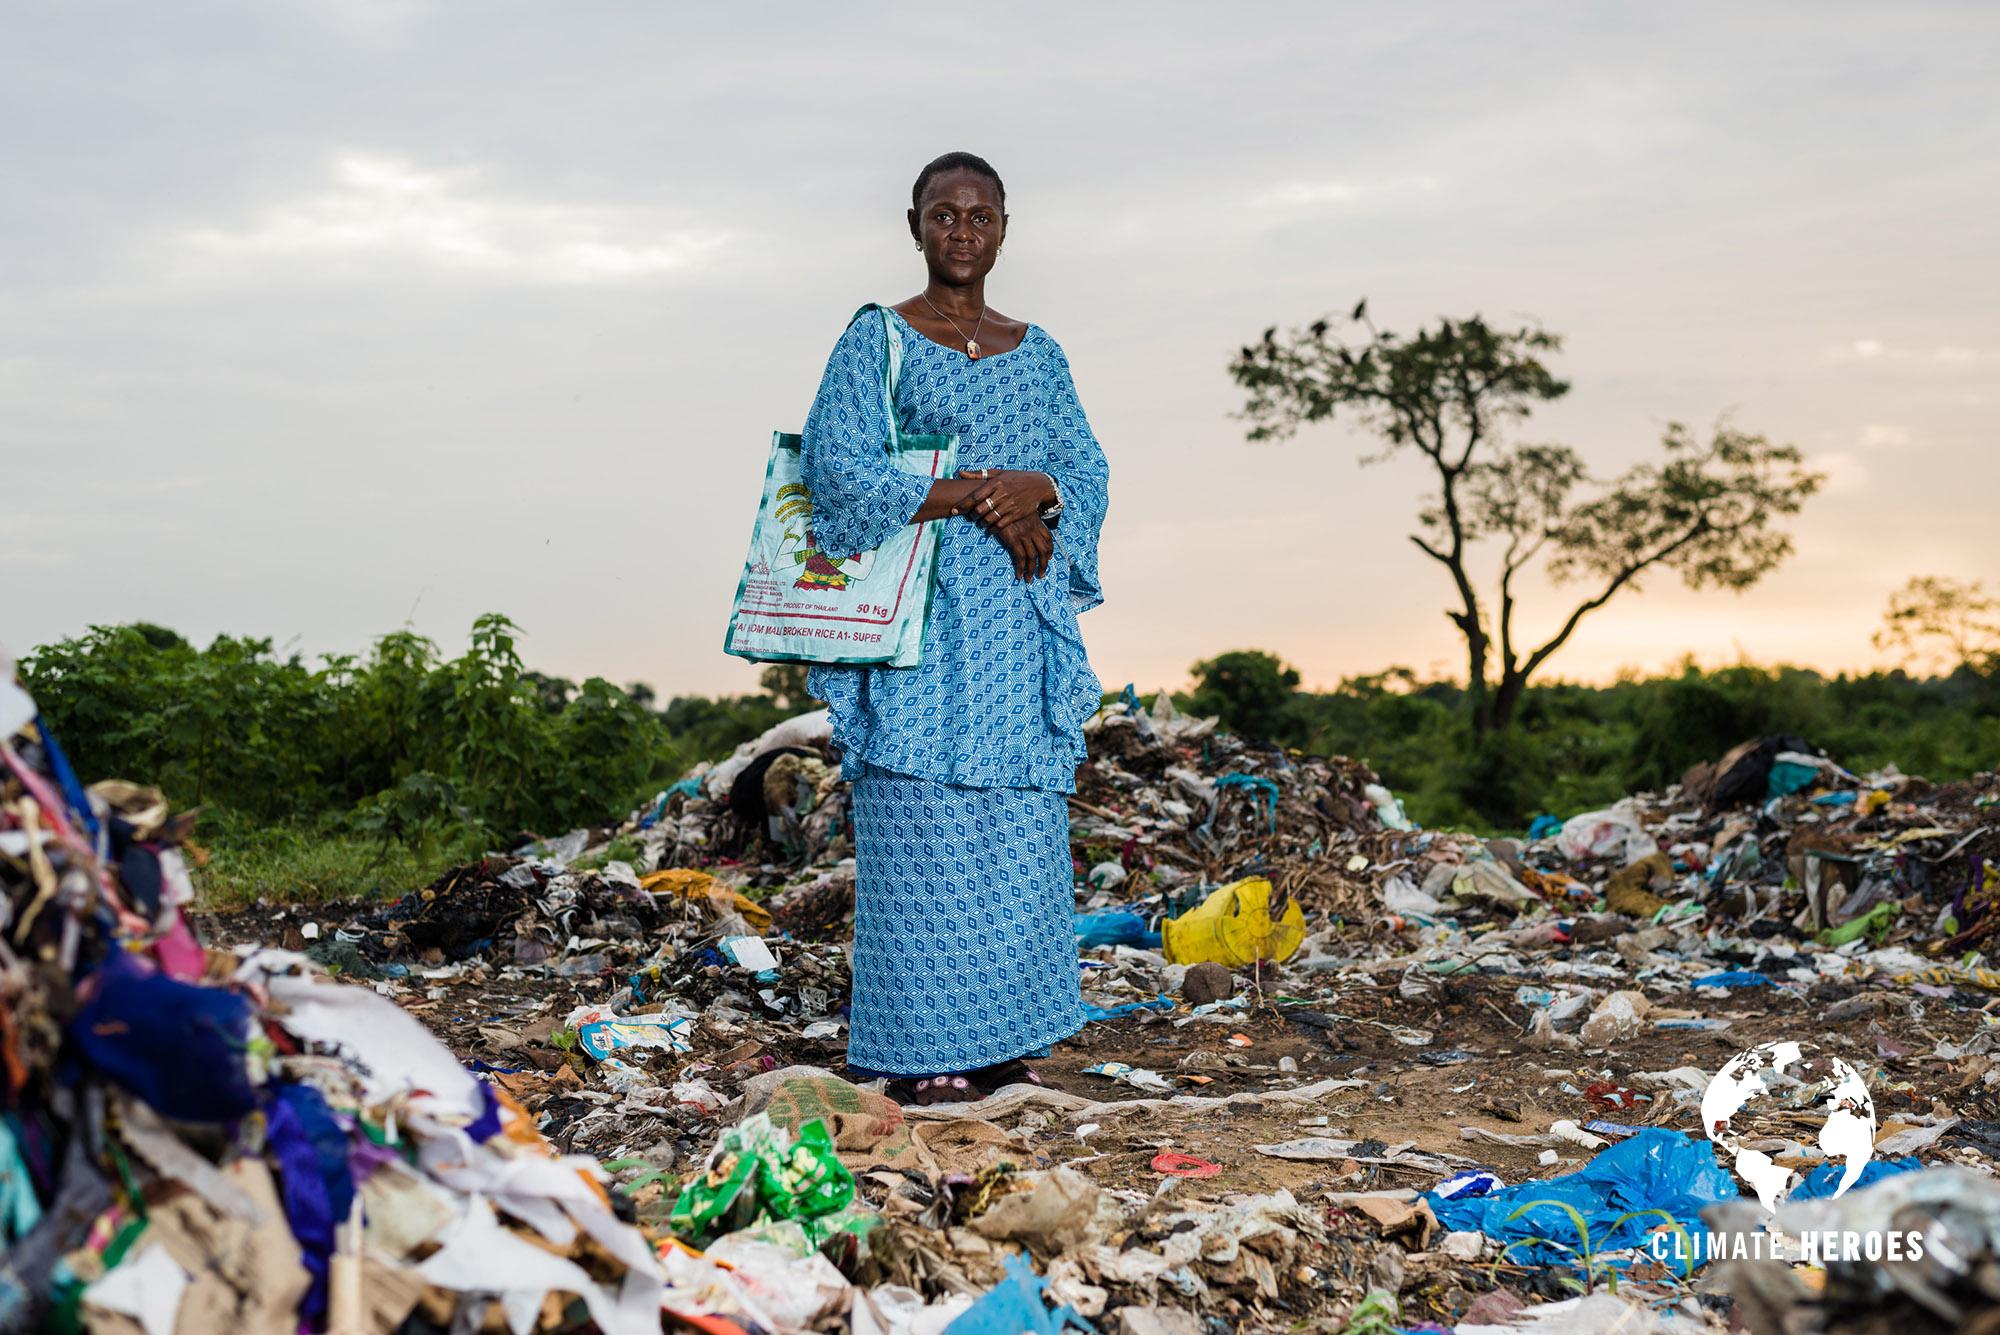 Isatou Ceesay pose pour un portrait sur le site de la décharge de Brikama, en périphérie de Banjul, capitale de la Gambie. Plus grosse décharge en opération en Gambie, ce site est l'un des points de récolte des déchets plastiques pour Women Initiative The Gambia, l'organisation qu'Isatou a créée pour permettre aux femmes de son pays d'atteindre une indépendance financière tout en prenant part à la préservation de leur environnement.